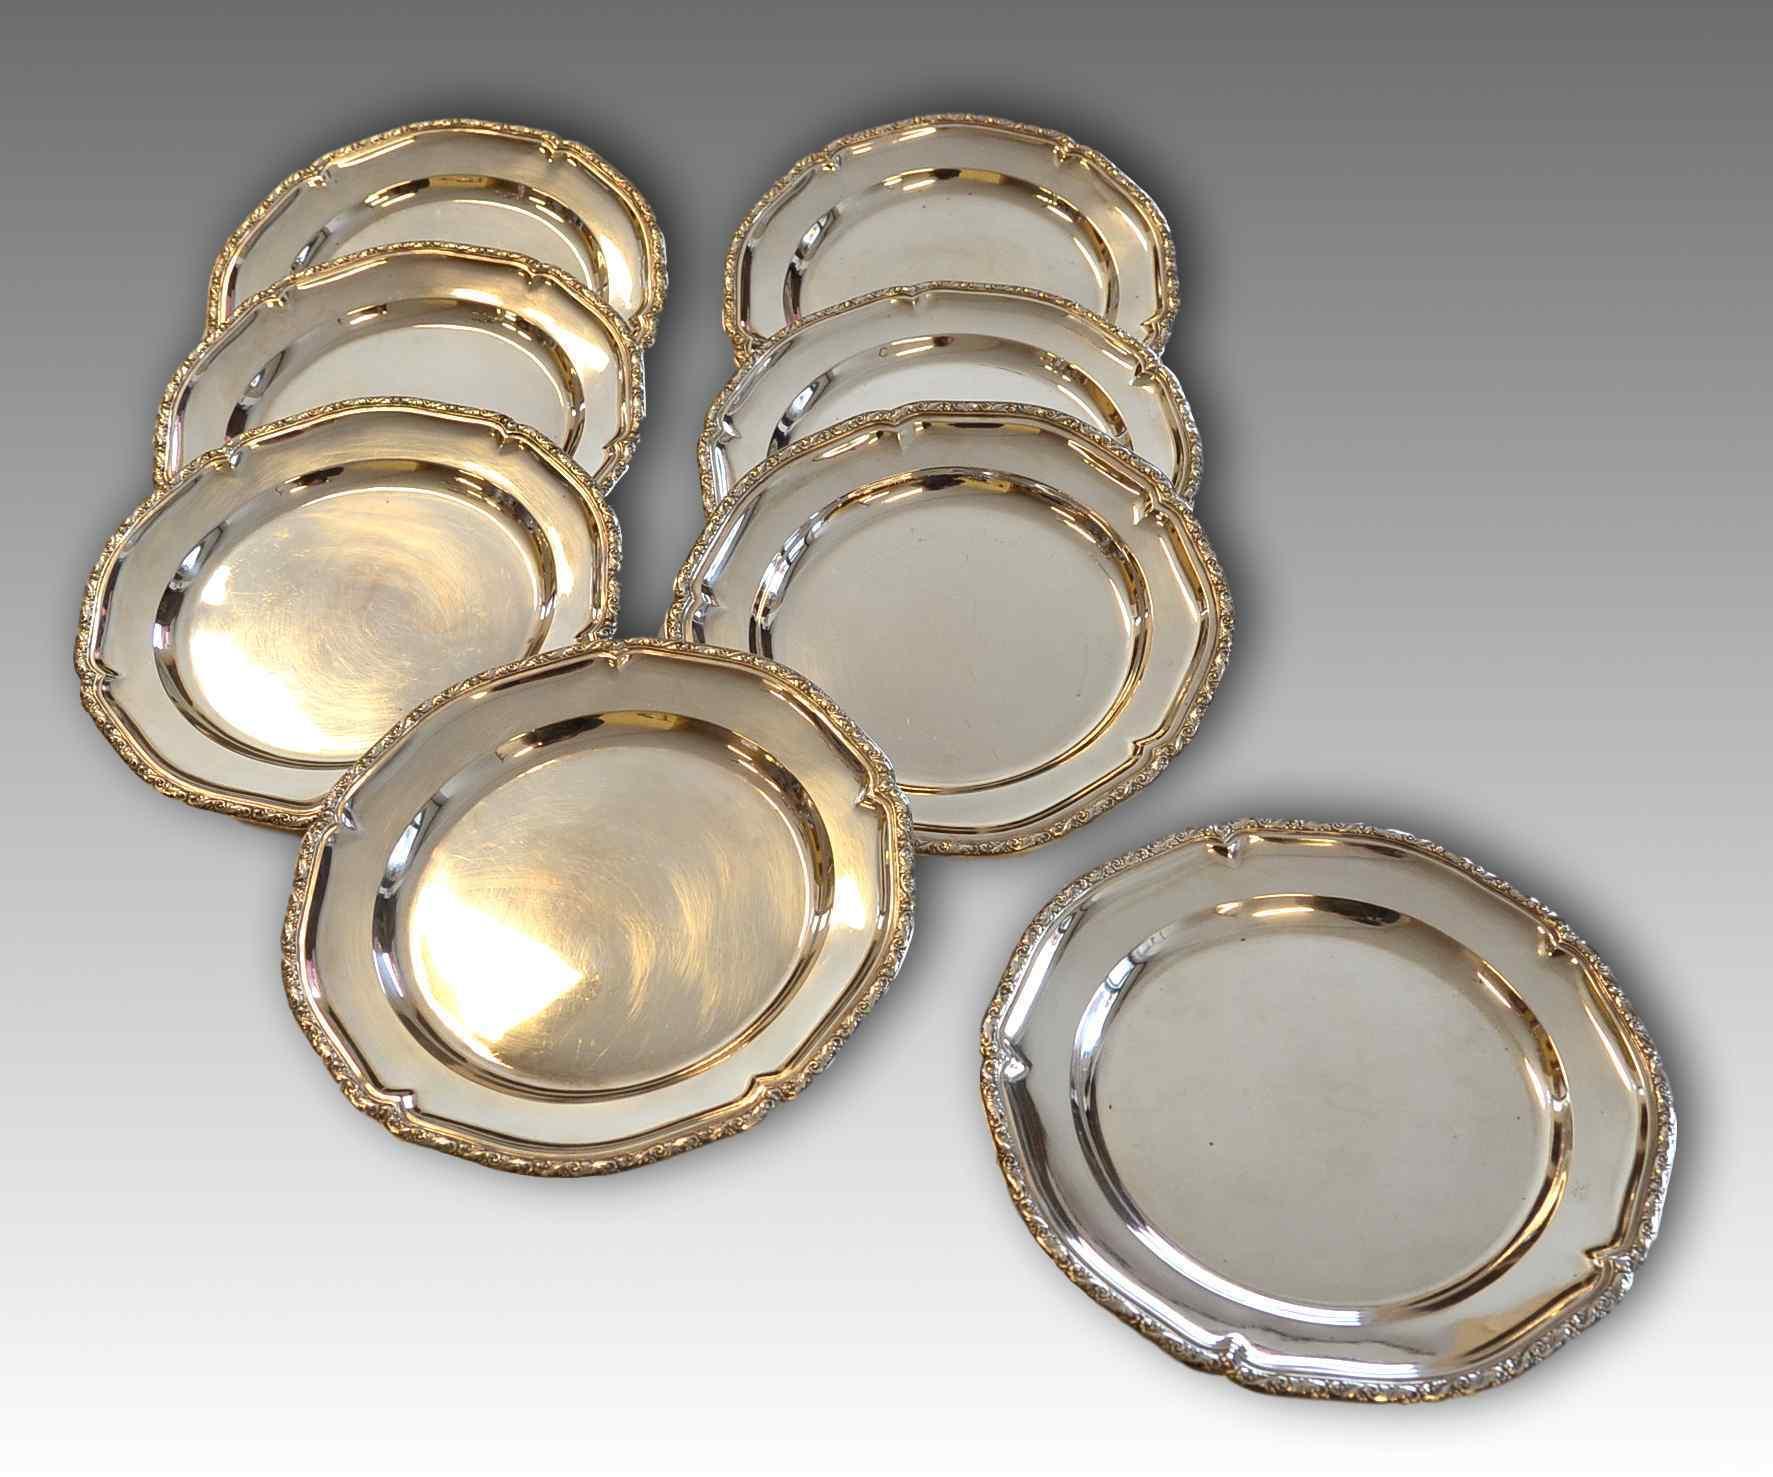 Otto piatti in argento 800/°°°, Austria, fine XIX secolo